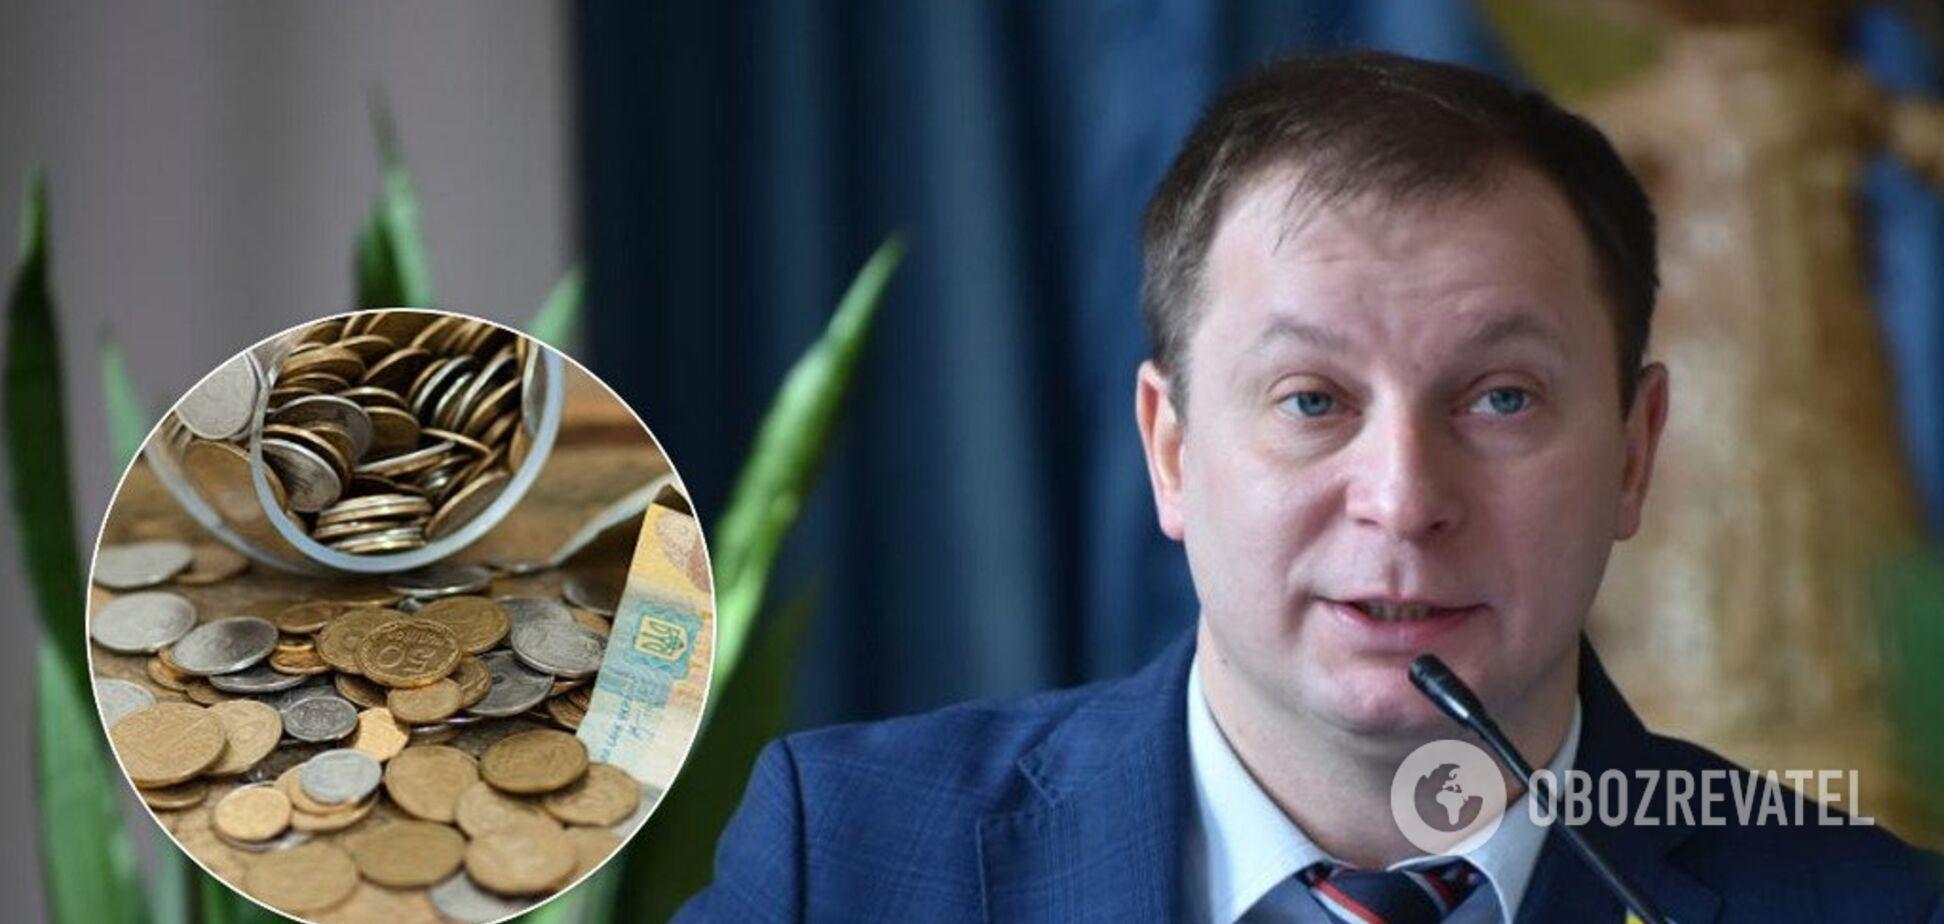 25% школ закроют, а больницы пострадают: Степан Барна предупредил об угрозах нового бюджета-2020